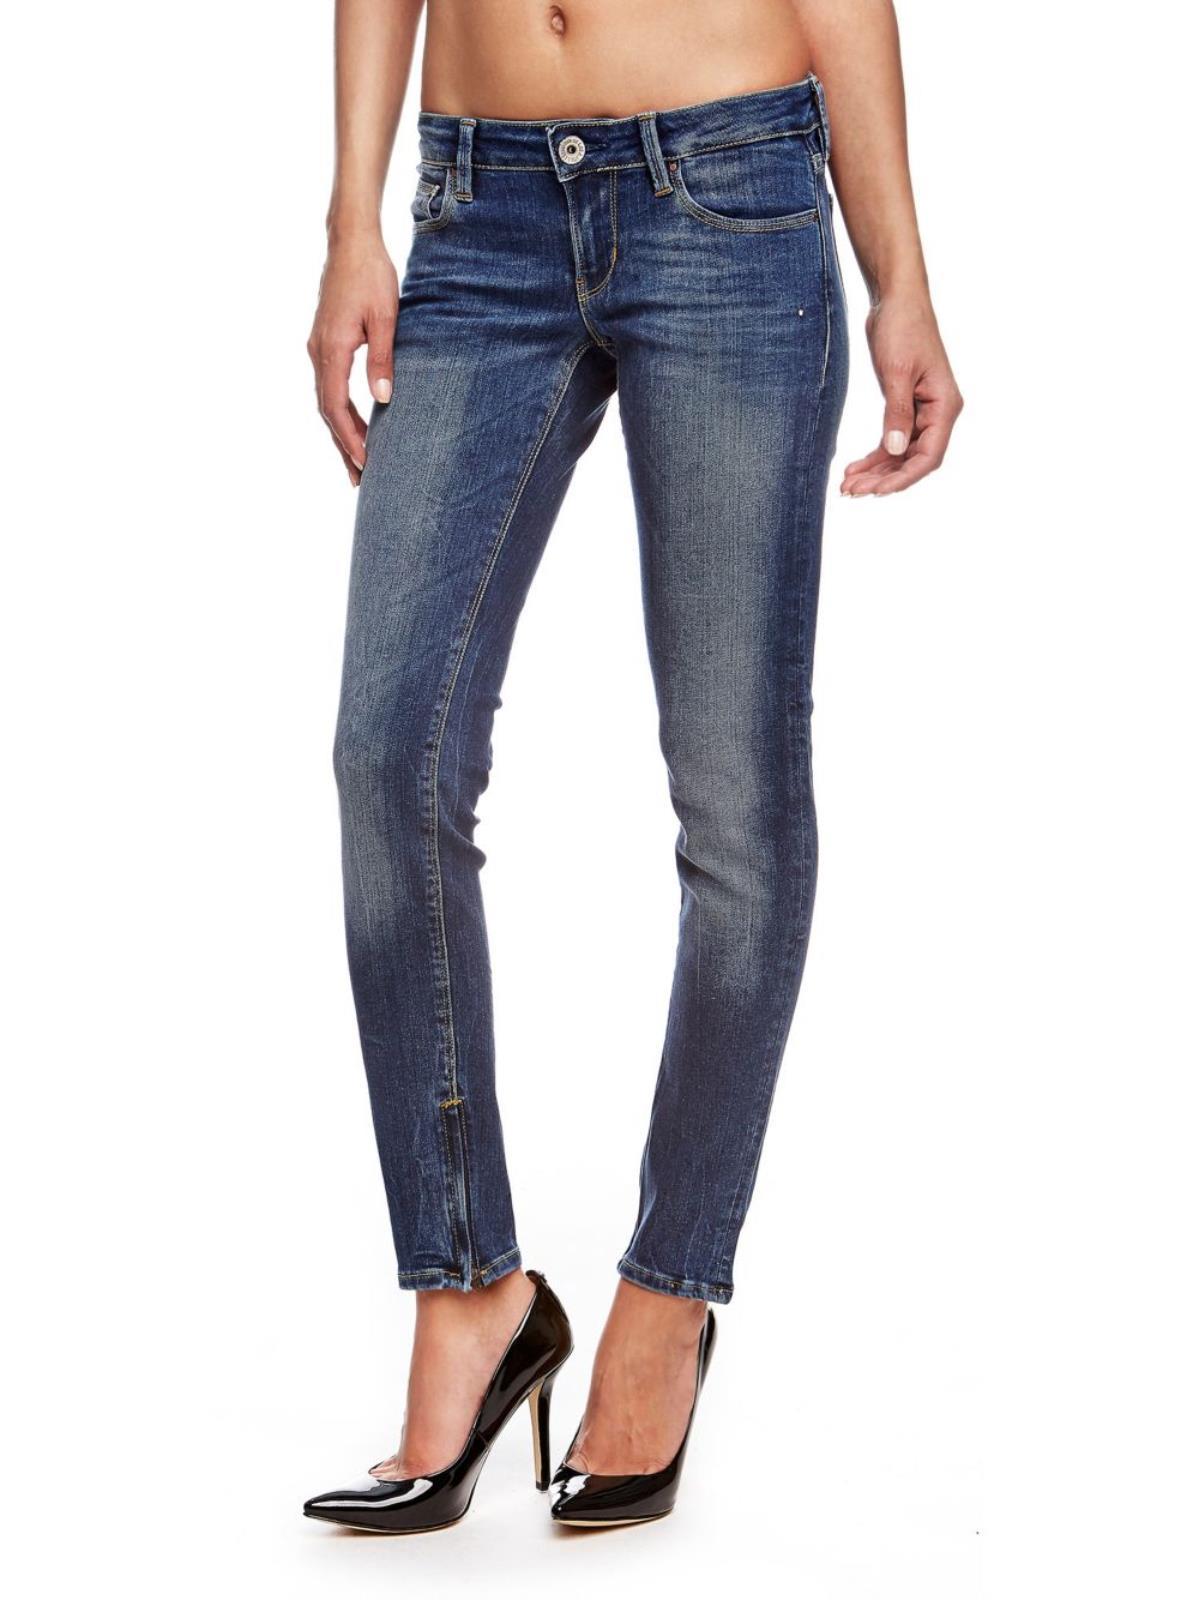 separation shoes d1b61 2c1e7 Guess Jeans Donna Jeans